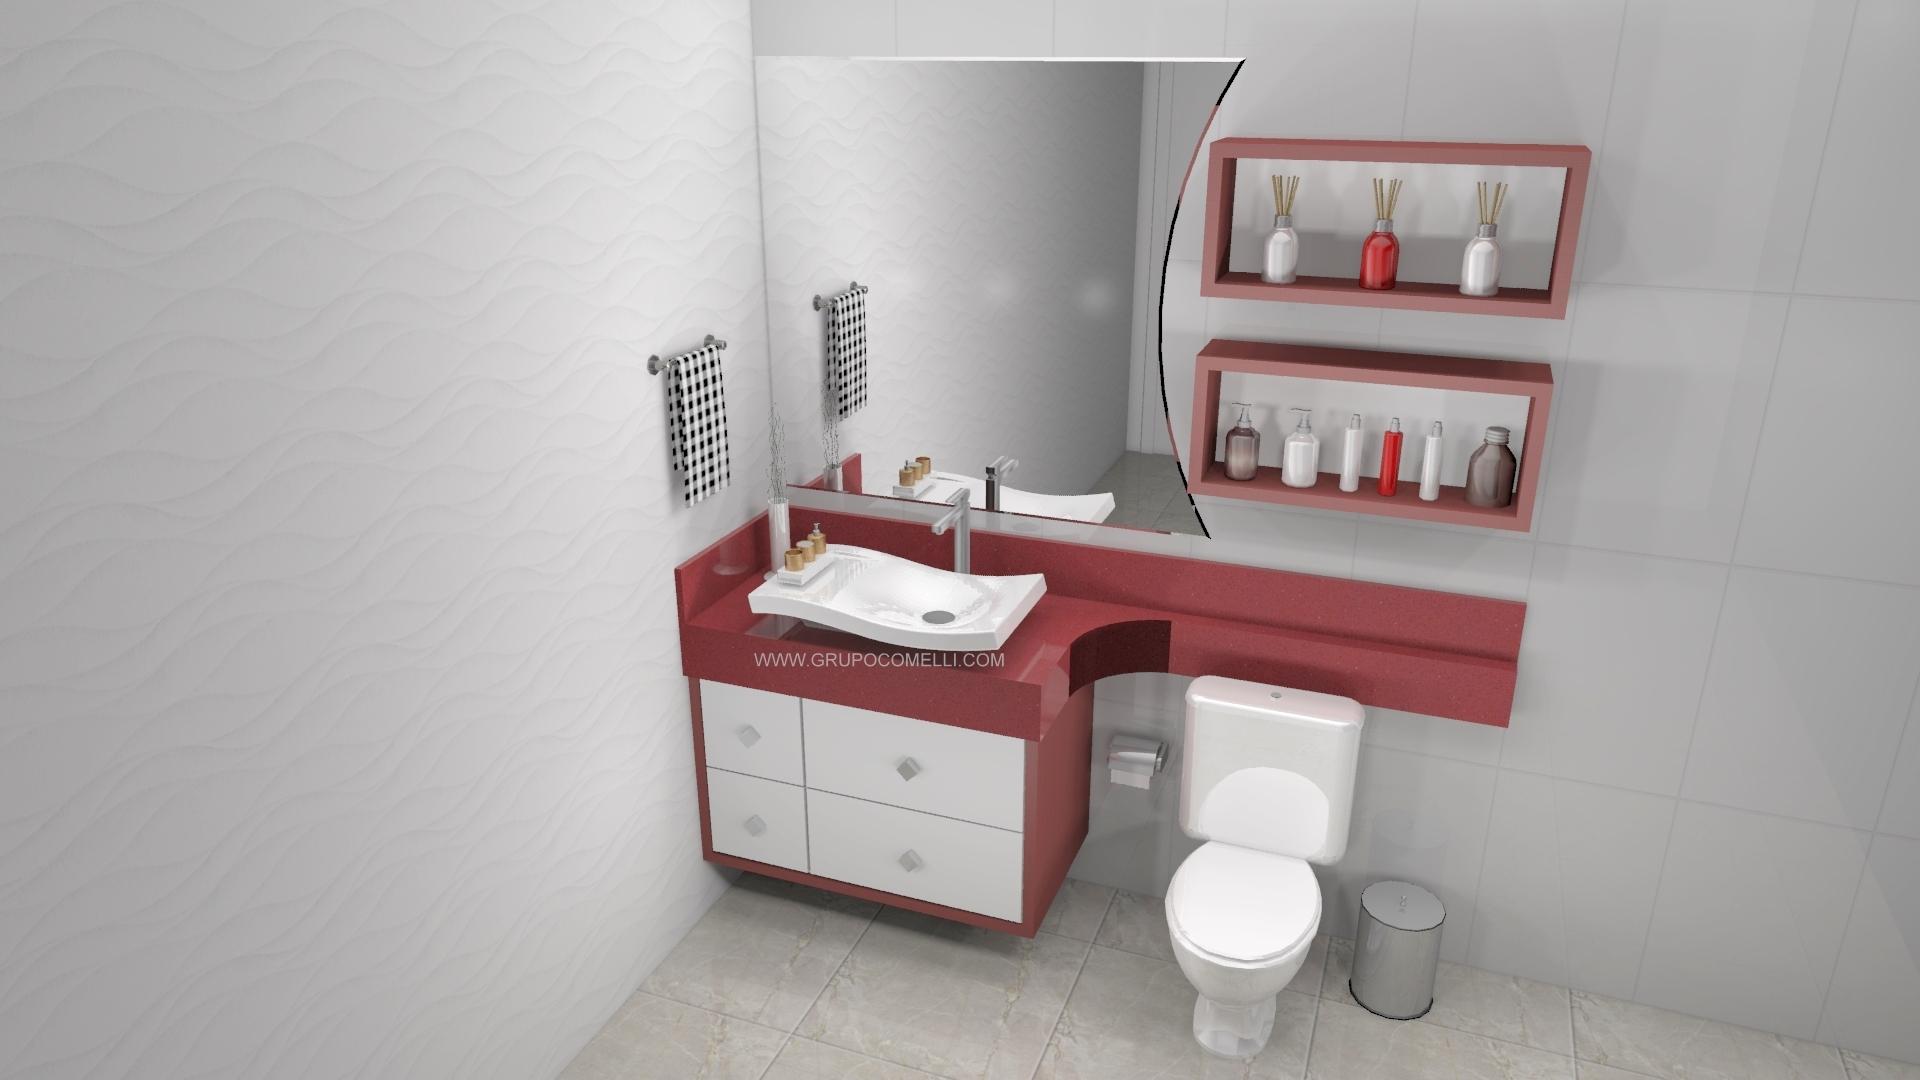 Imagens de #993232 Banheiro planejado 262 1920x1080 px 3726 Banheiros Planejados Preto E Branco